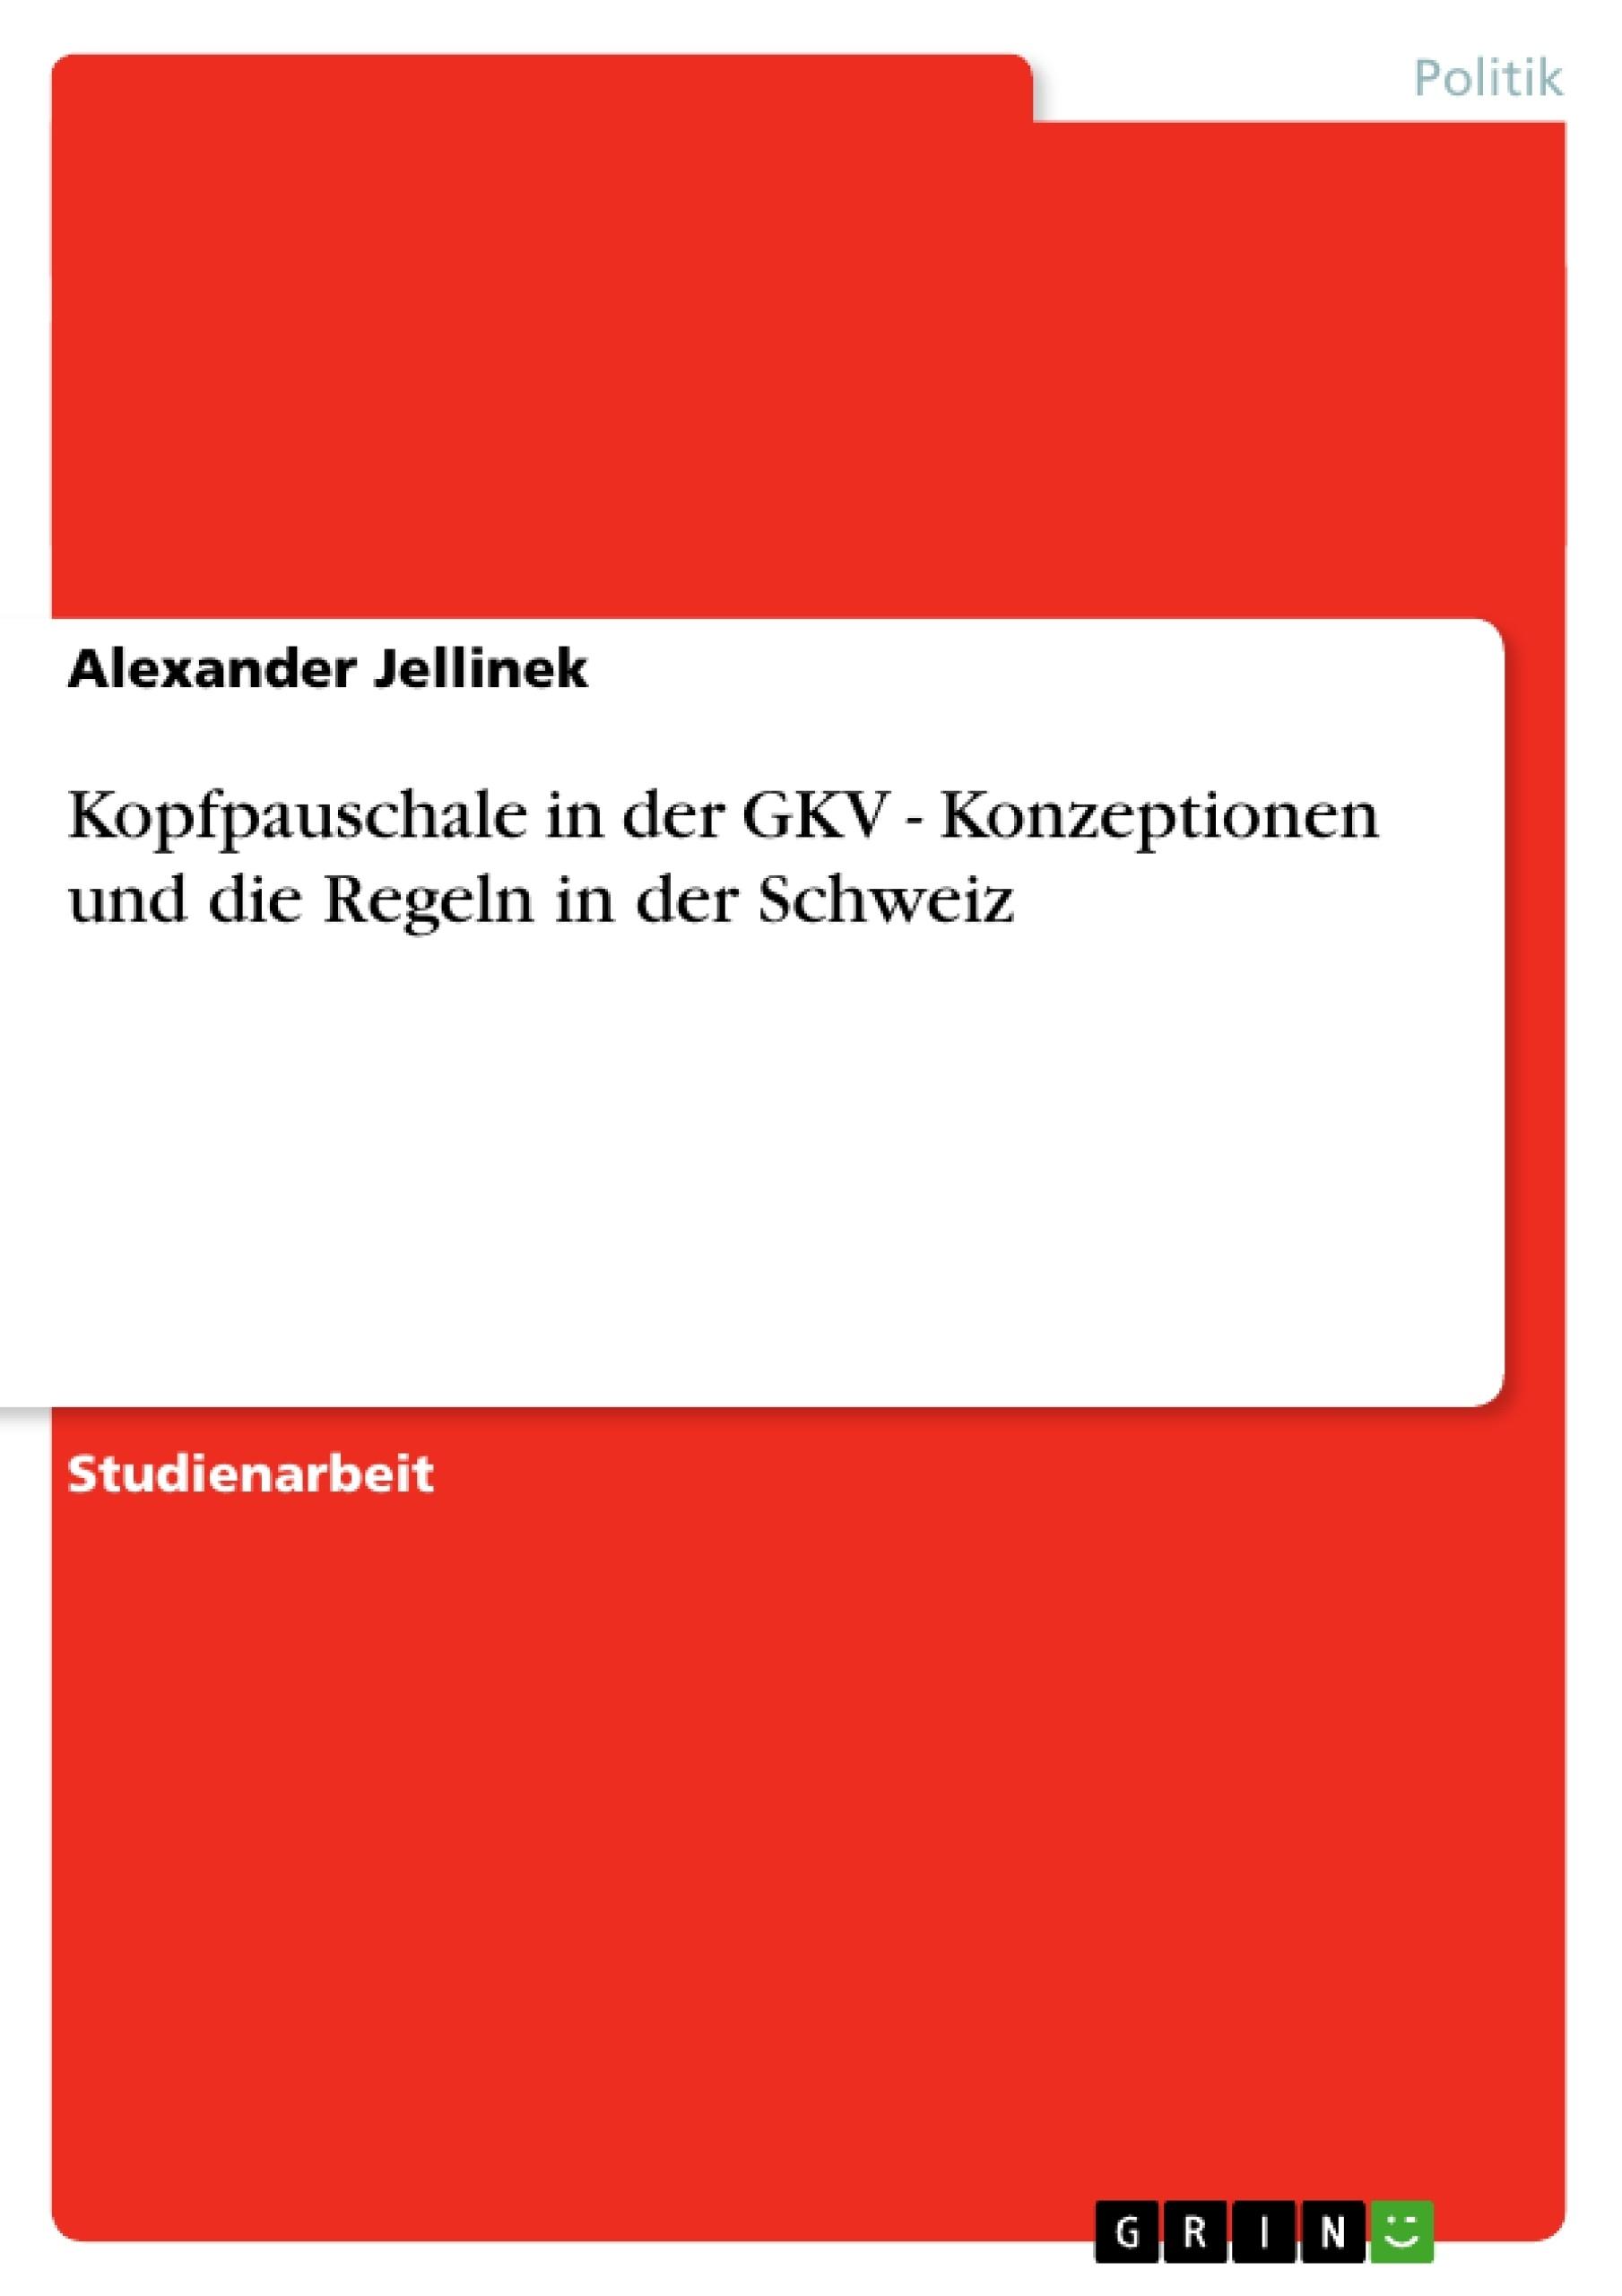 Titel: Kopfpauschale in der GKV - Konzeptionen und die Regeln in der Schweiz